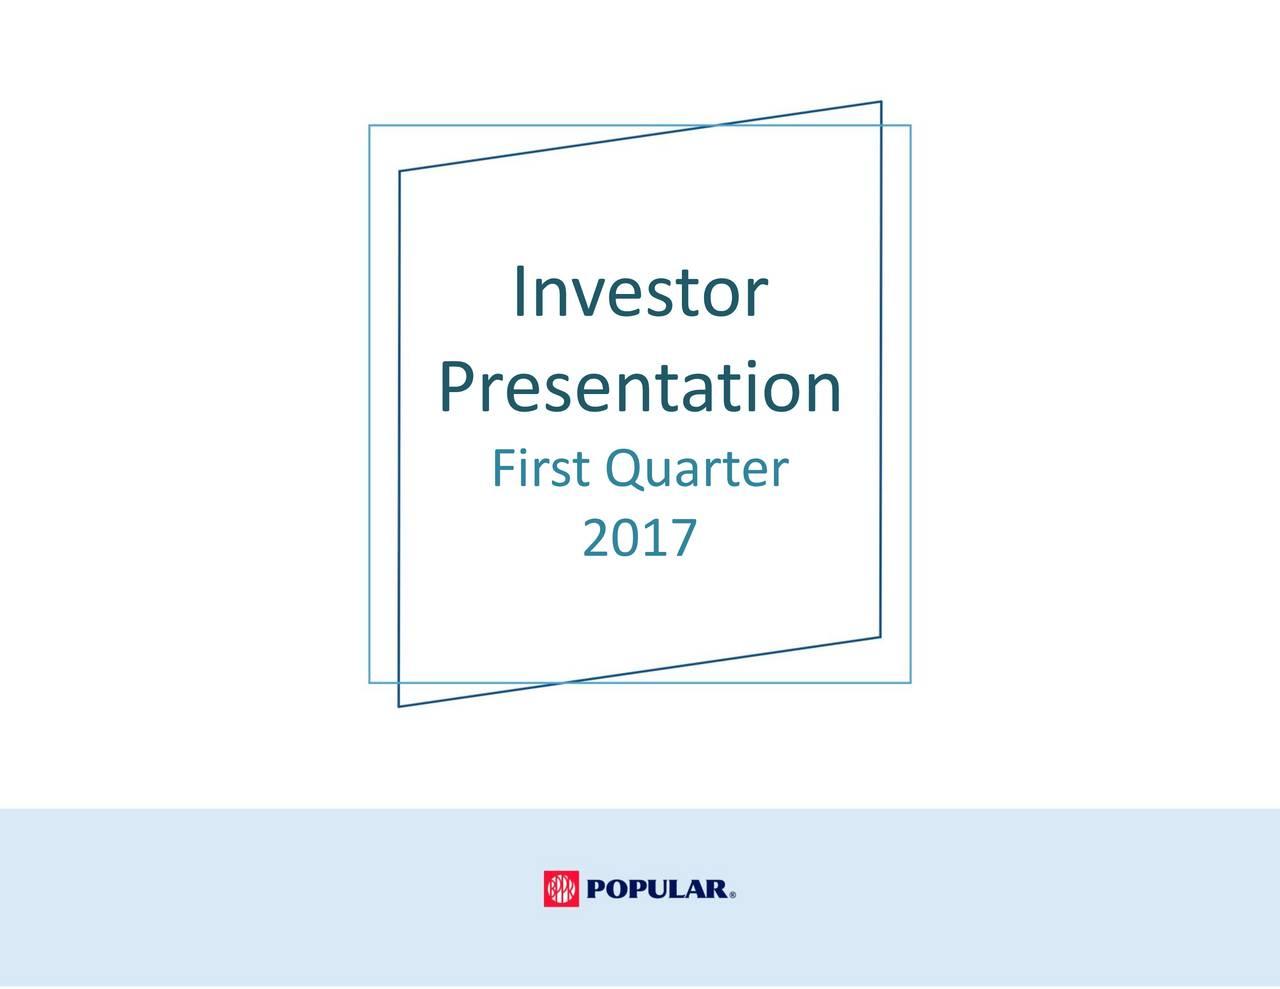 Presentation First Quarter 2017